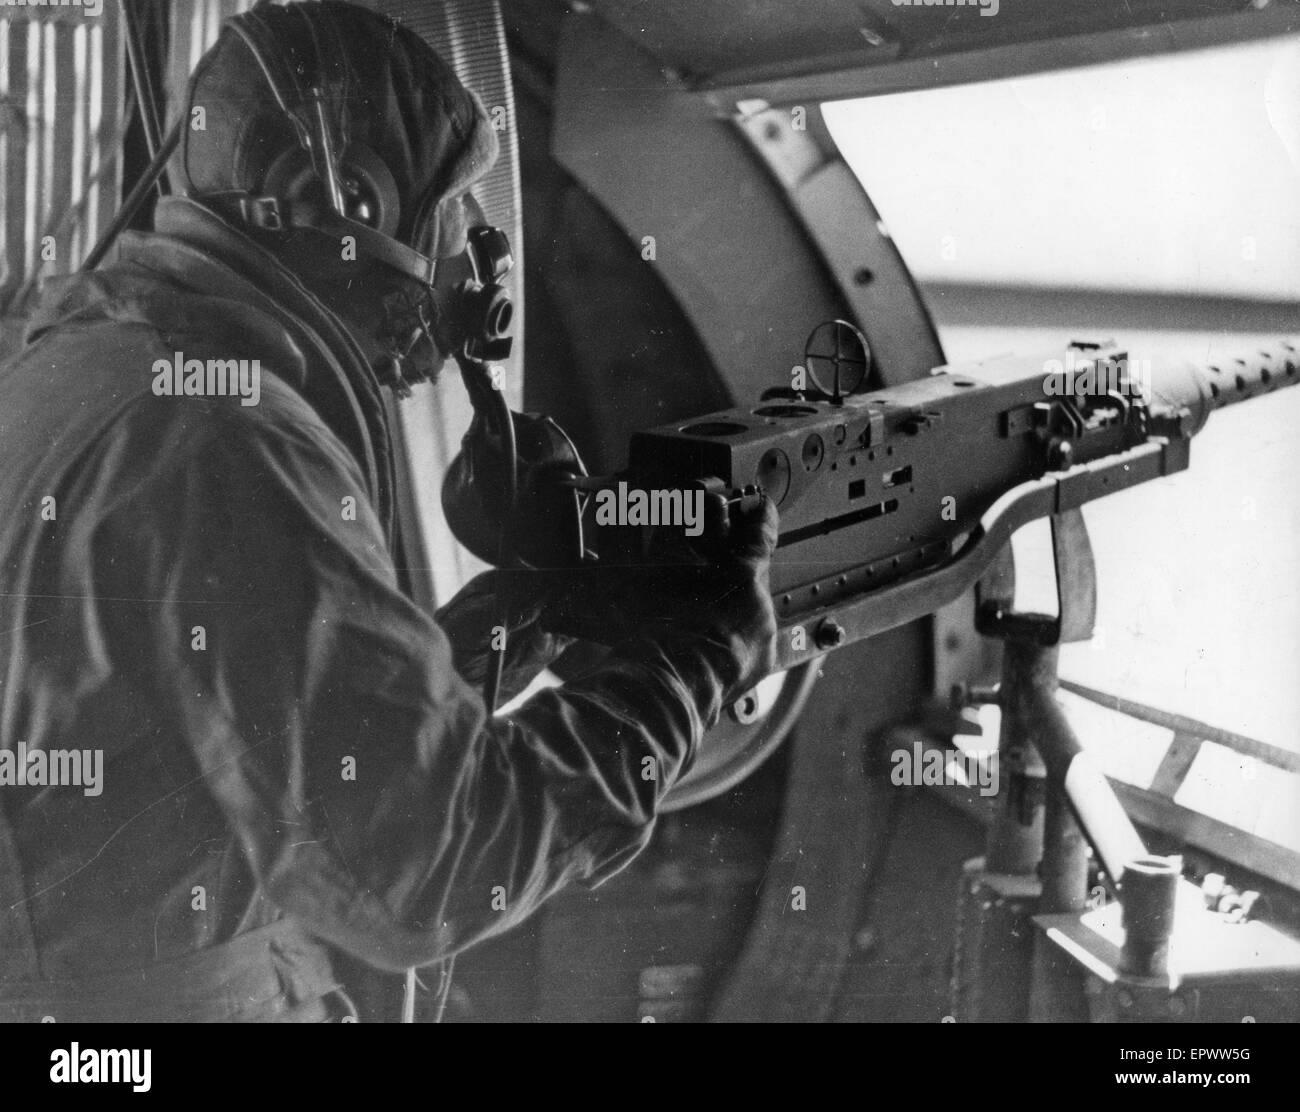 B-17 WAIST GUNNER in 1943 - Stock Image